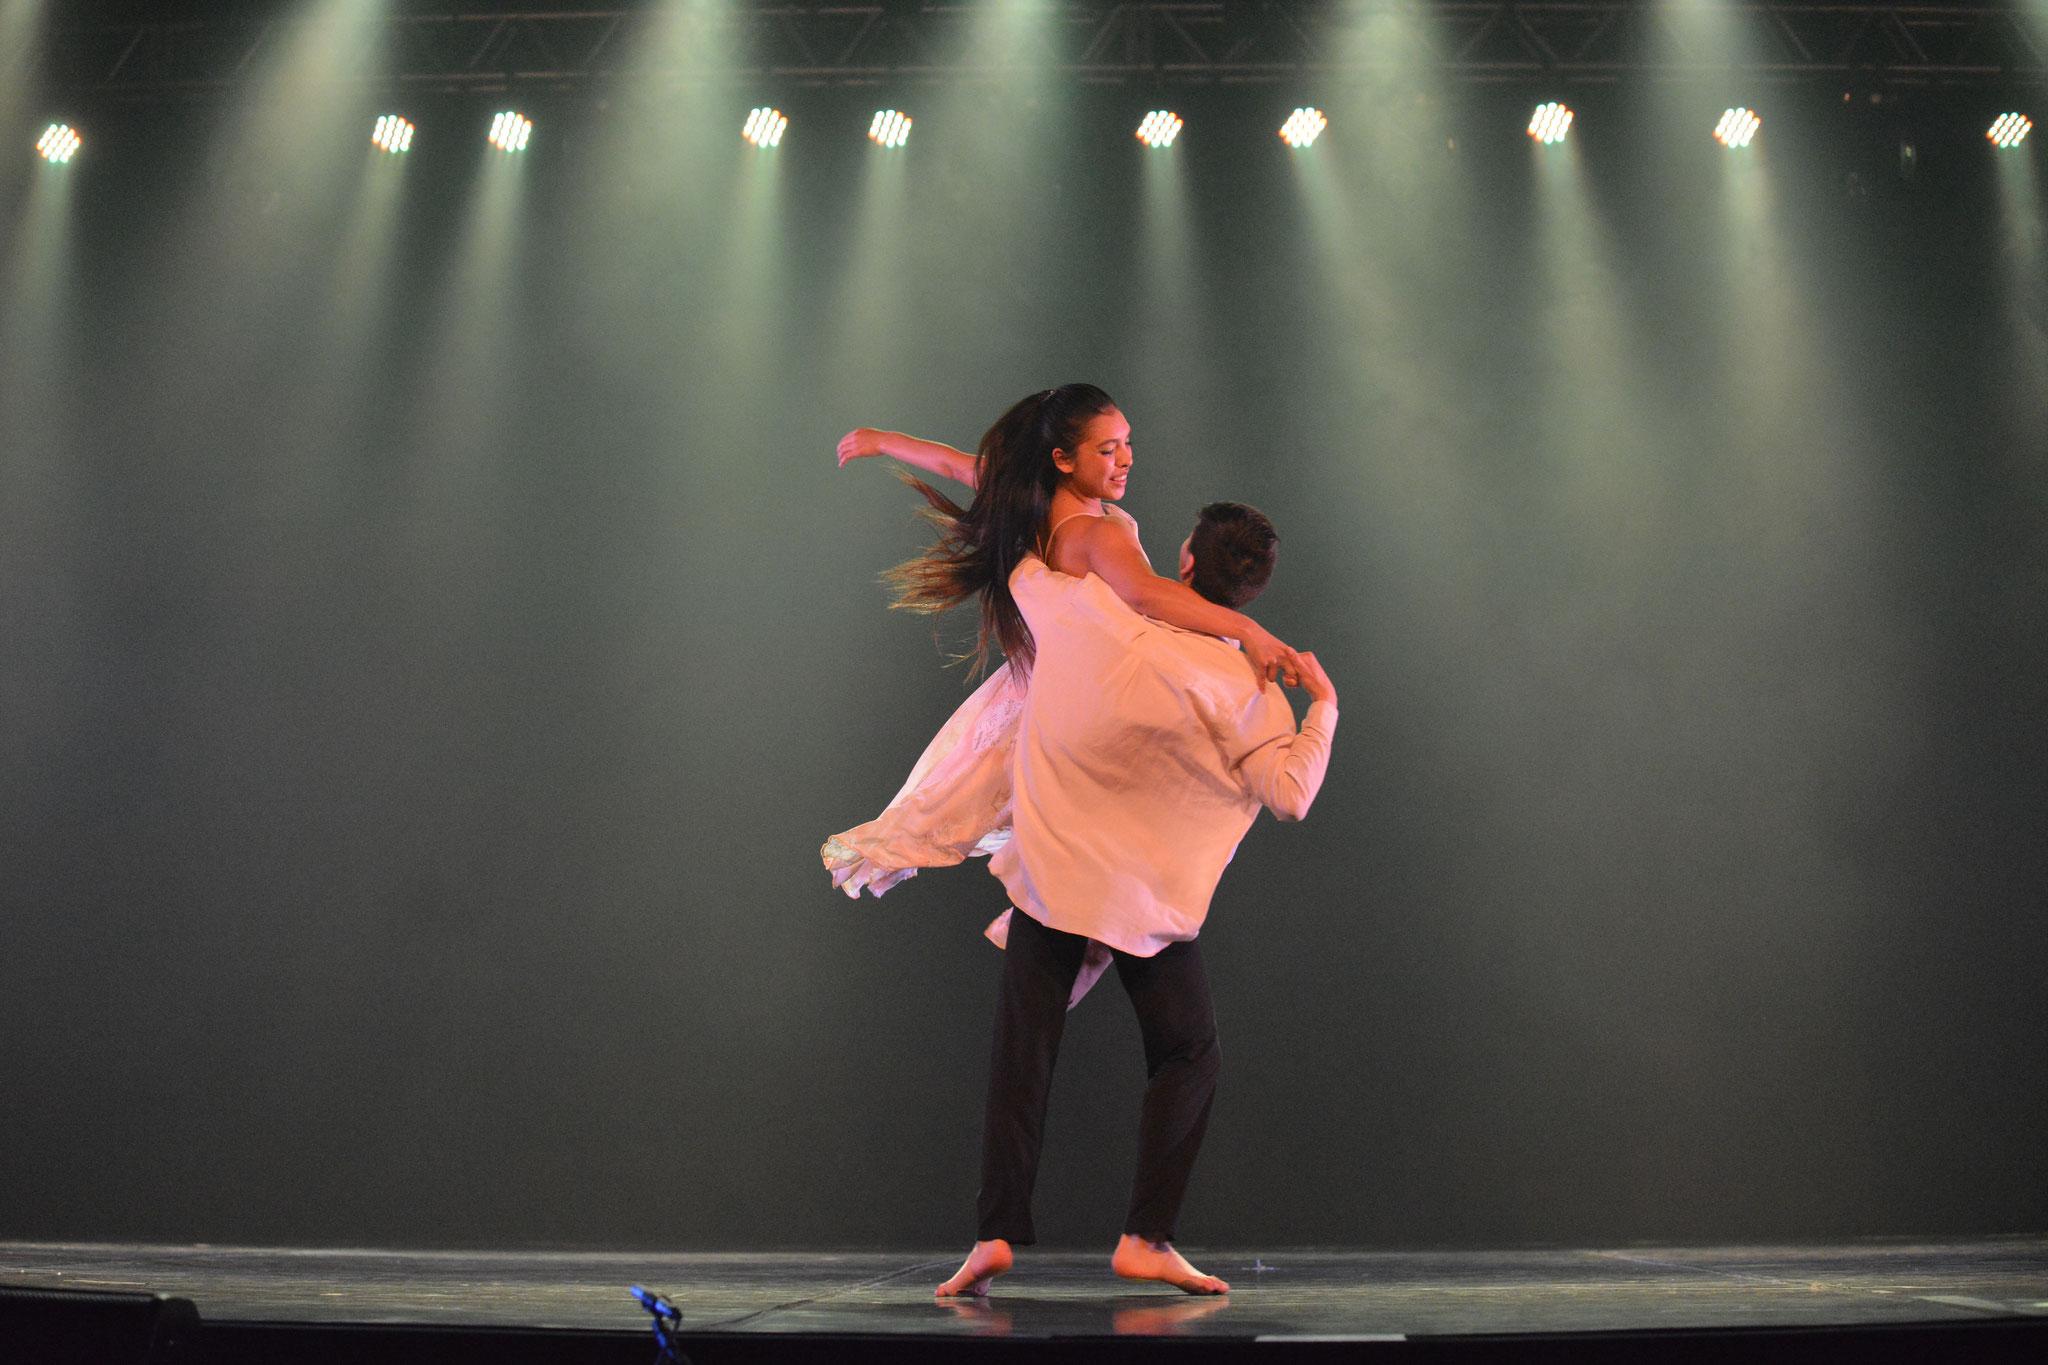 Mo-Mo Brasil 2018 2° Lugar Jazz Senior / Intérpretes Anais Chandía(20); Pablo Vasquez(20) / Obra Rondo Ana Luisa Baquedano